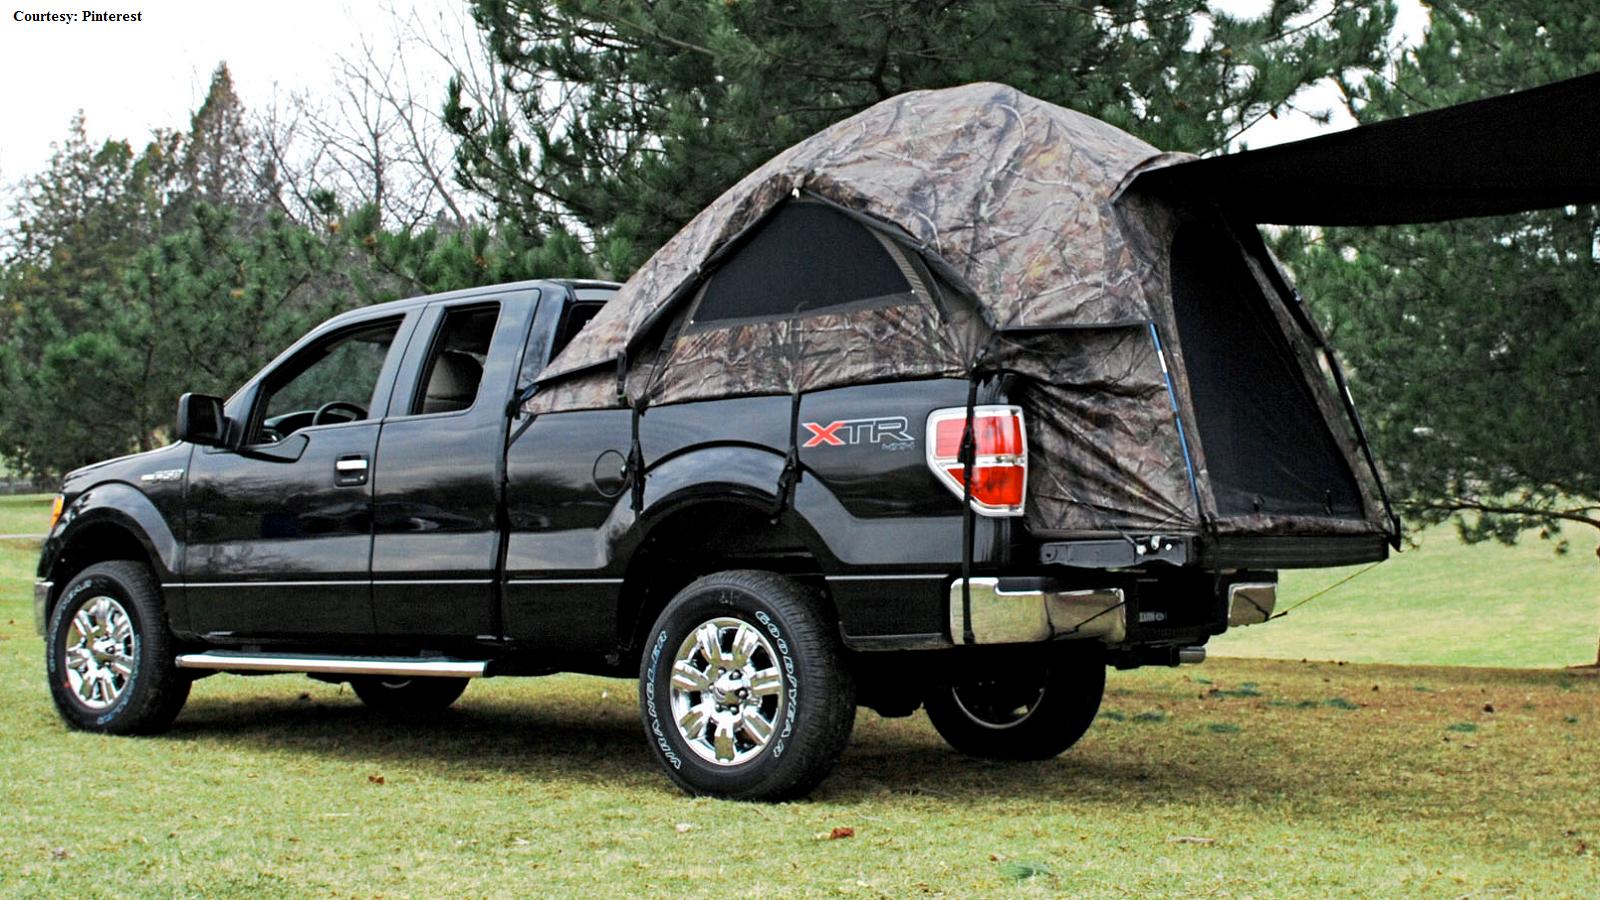 A Pop-up Camper